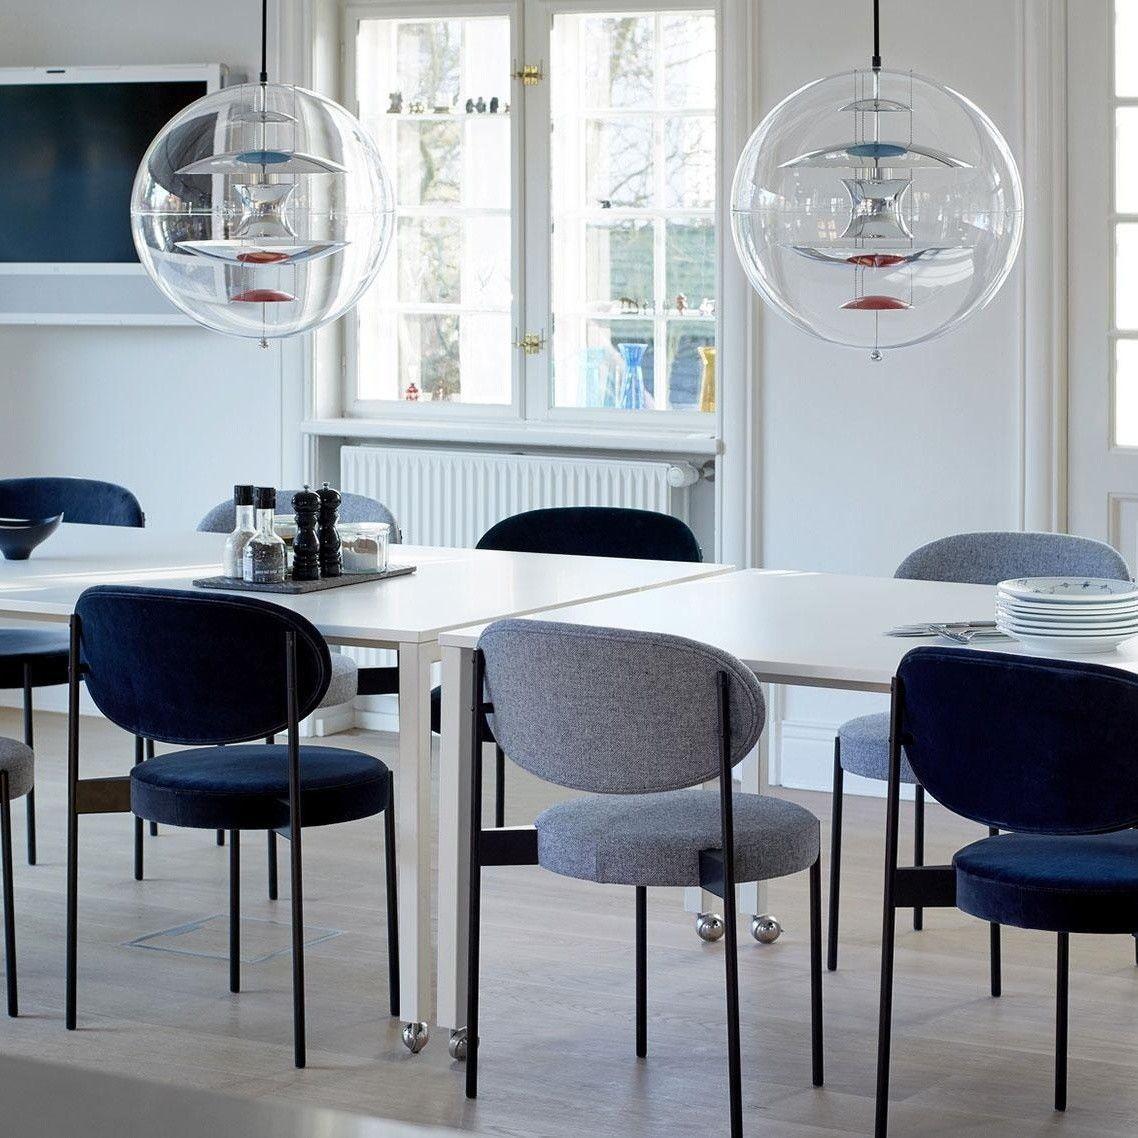 vp globe pendelleuchte verpan. Black Bedroom Furniture Sets. Home Design Ideas